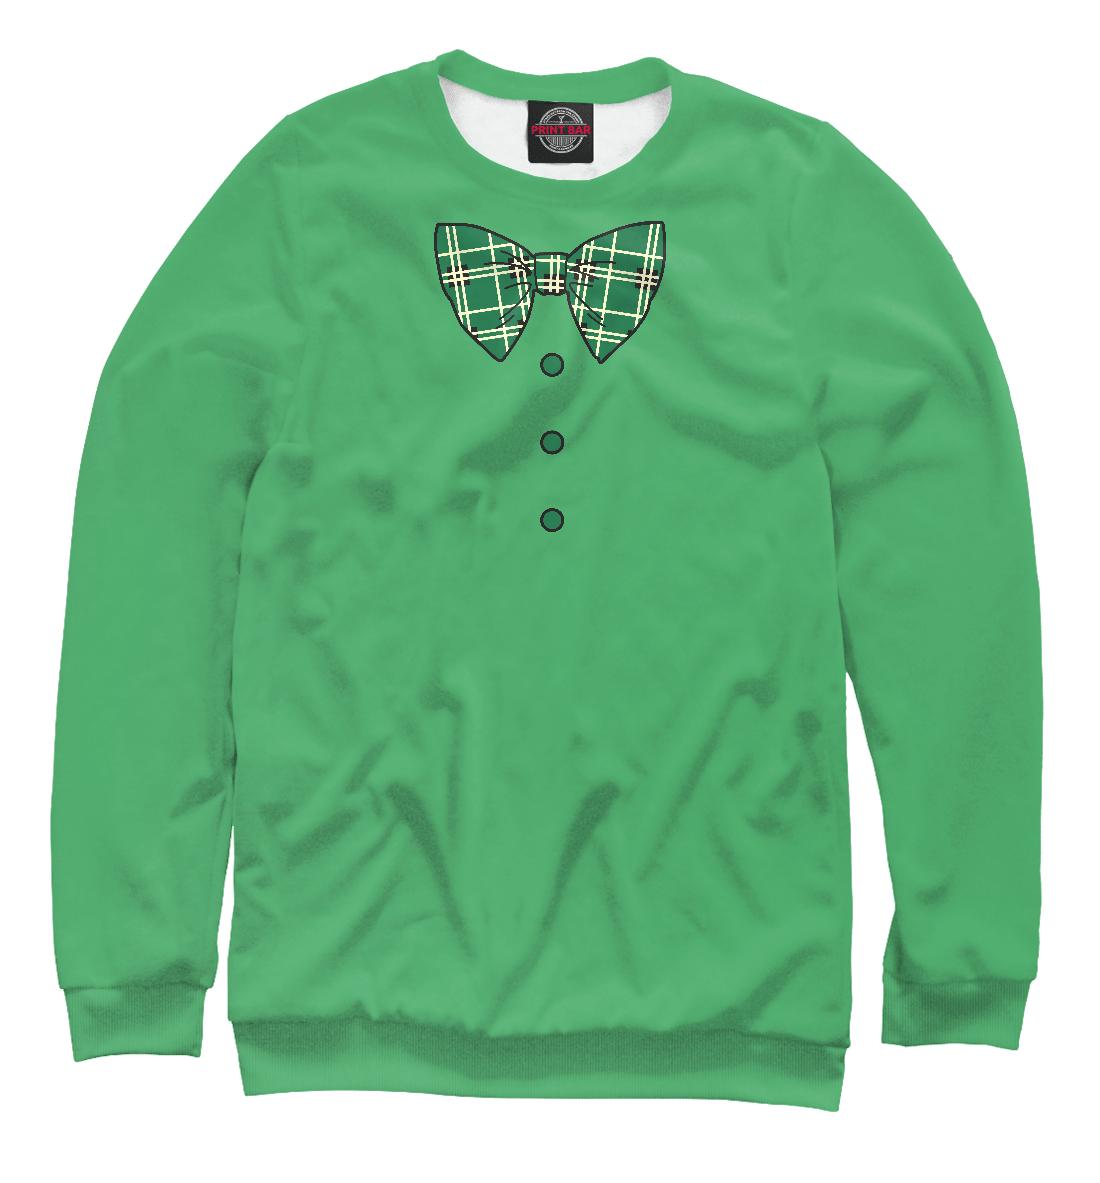 Купить Зеленый галстук бабочка в клетку, Printbar, Свитшоты, CST-438975-swi-1